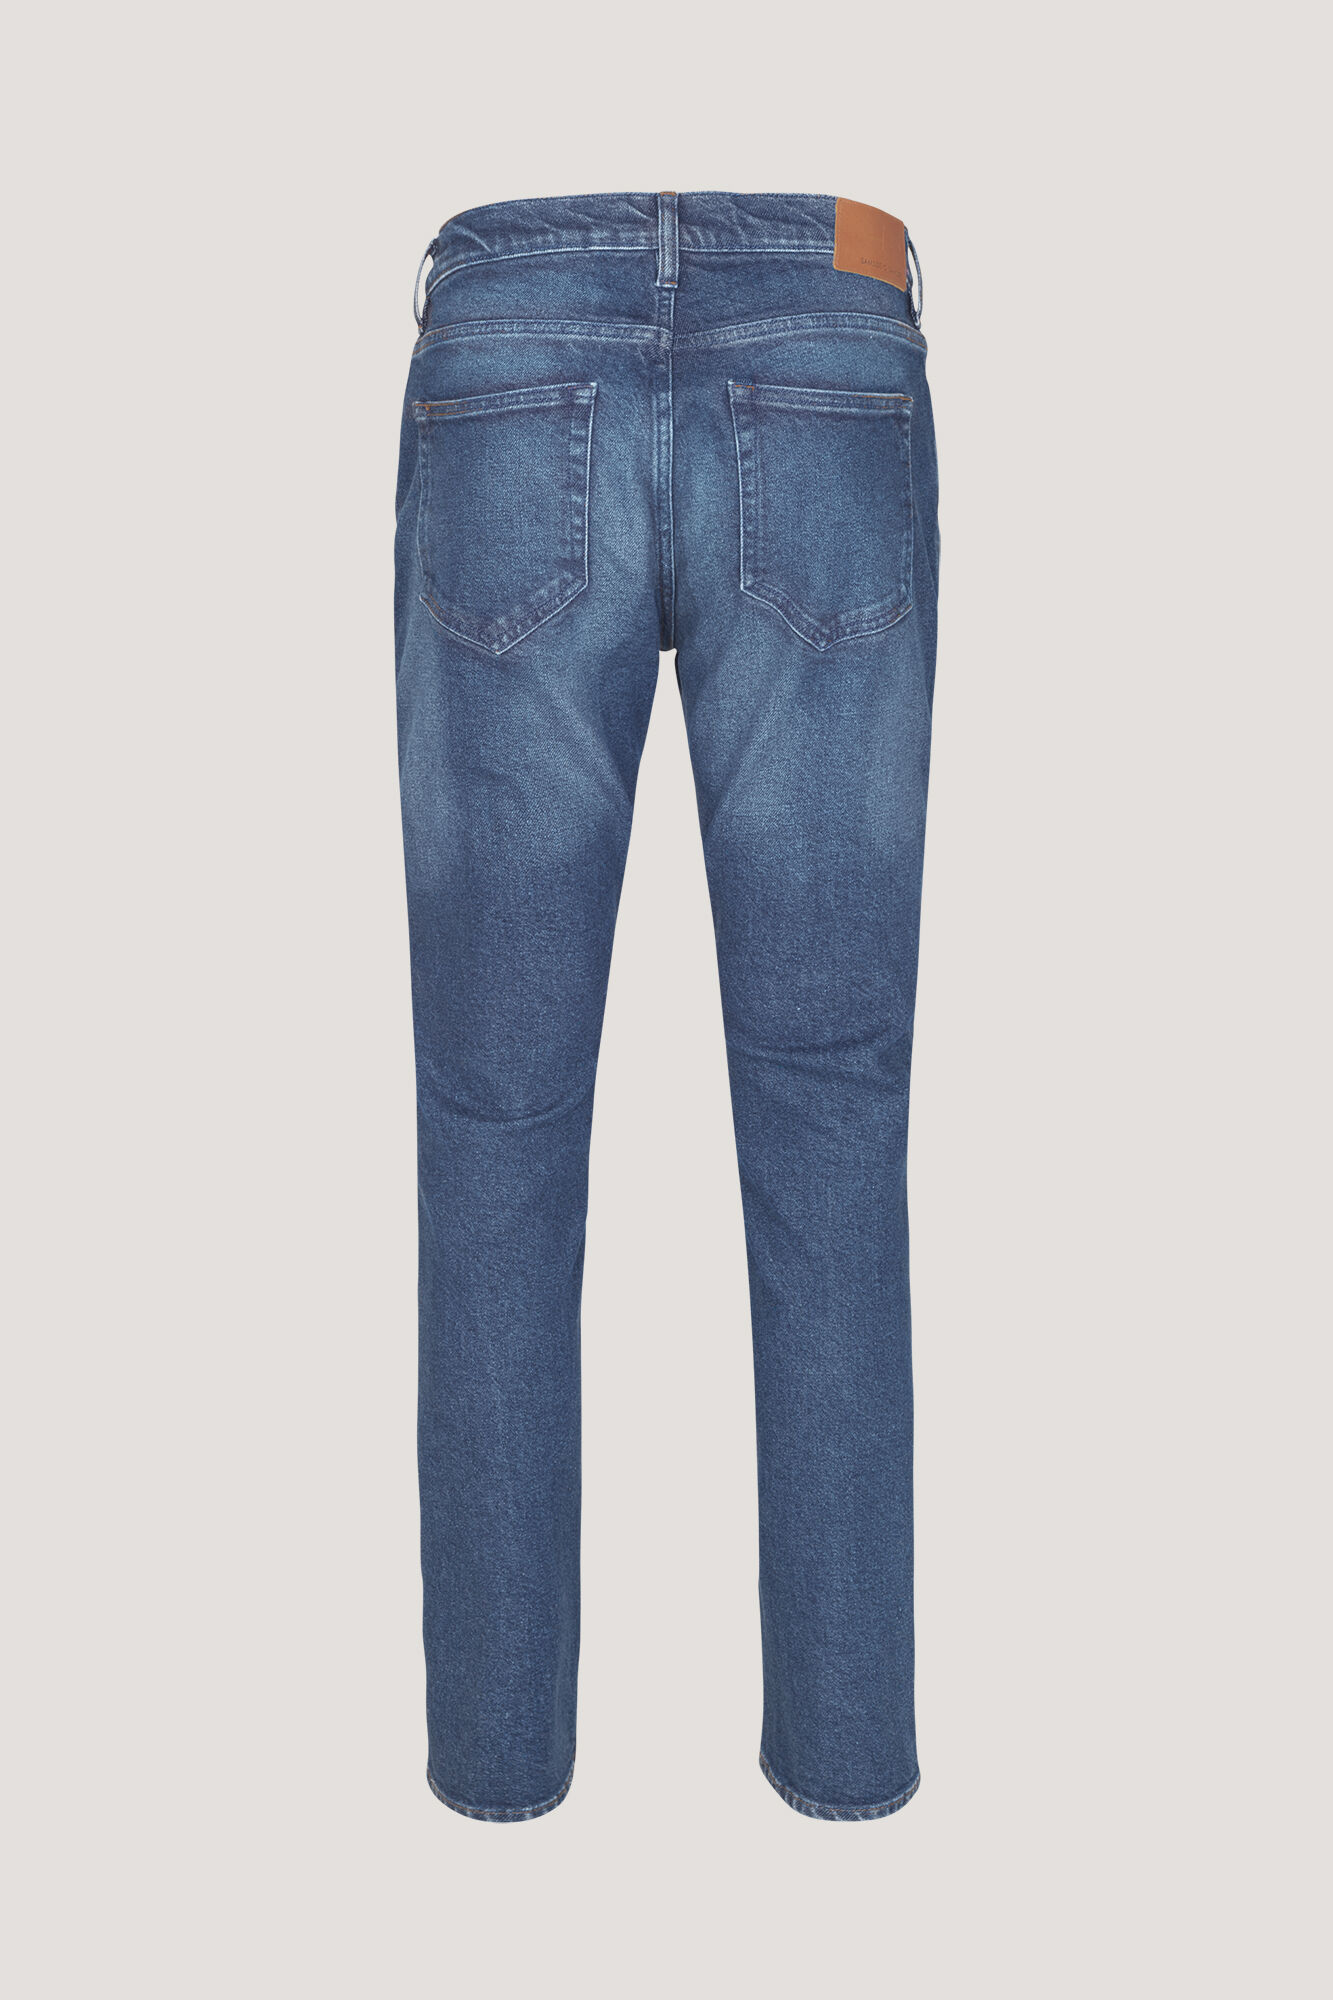 Stefan jeans 10991